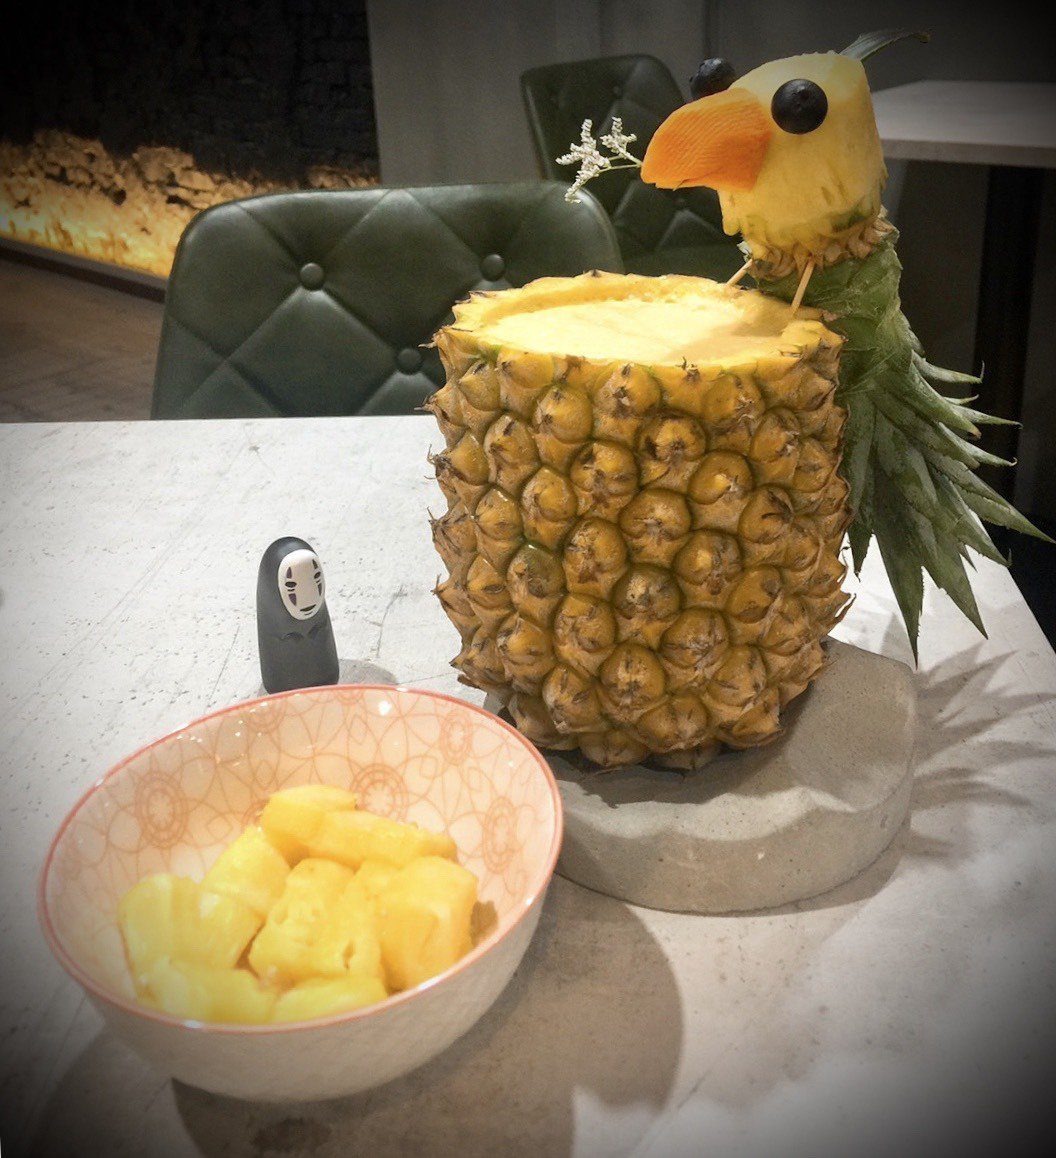 某次採訪中隨手拍下的造型鳳梨果汁,一飲而盡的快感真的好消暑。 圖/蕭涵攝影